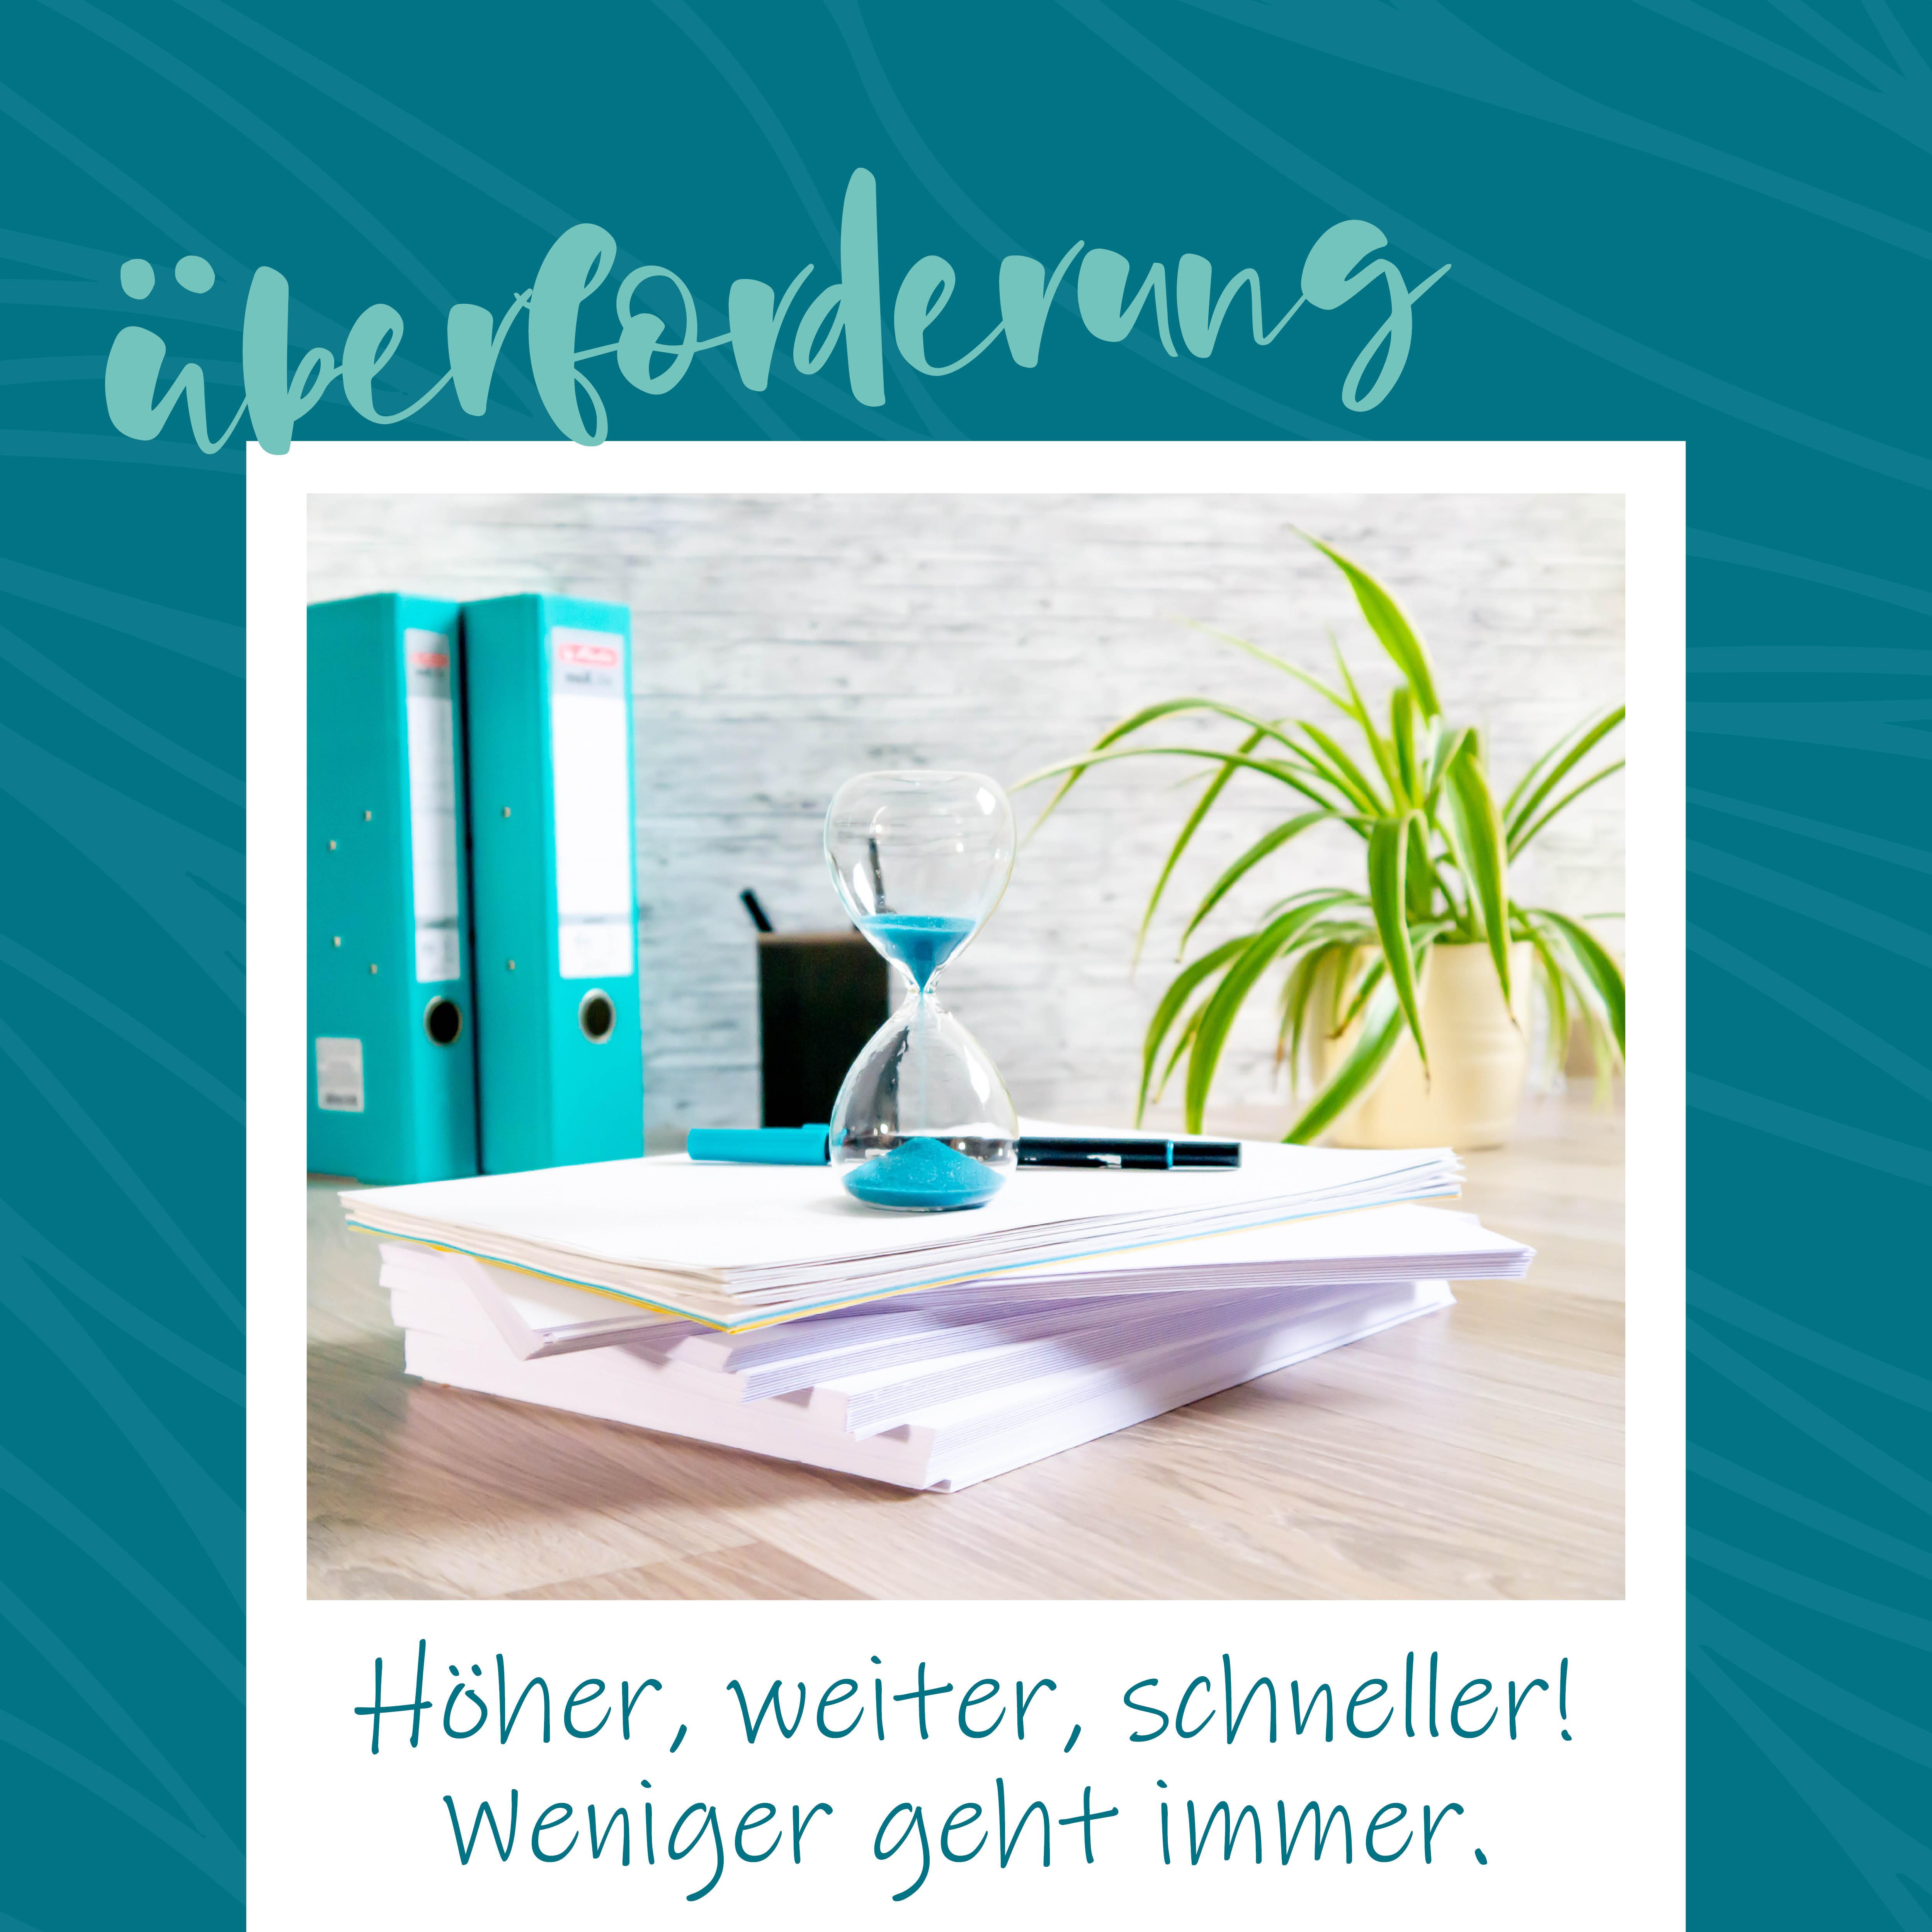 blauer Eisberg _ Überforderung